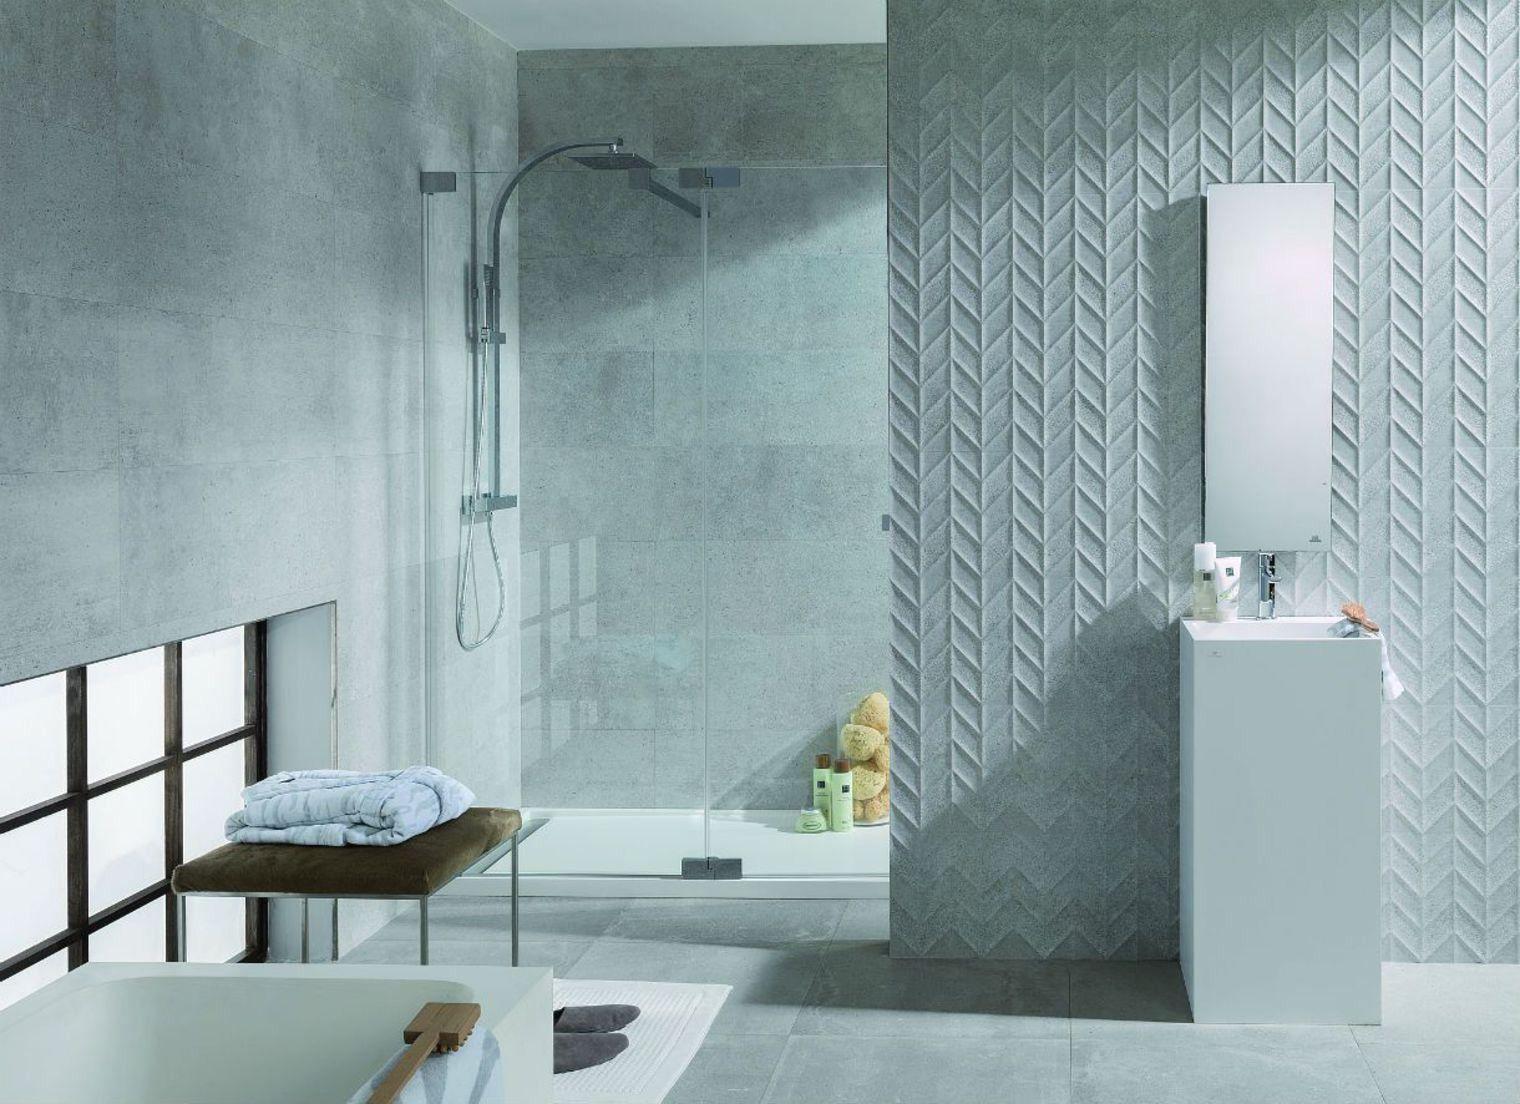 Cloison Douche Italienne Brique De Verre Elegant Design Dintrieur Et Douche  Brique De Verre Avec Douche